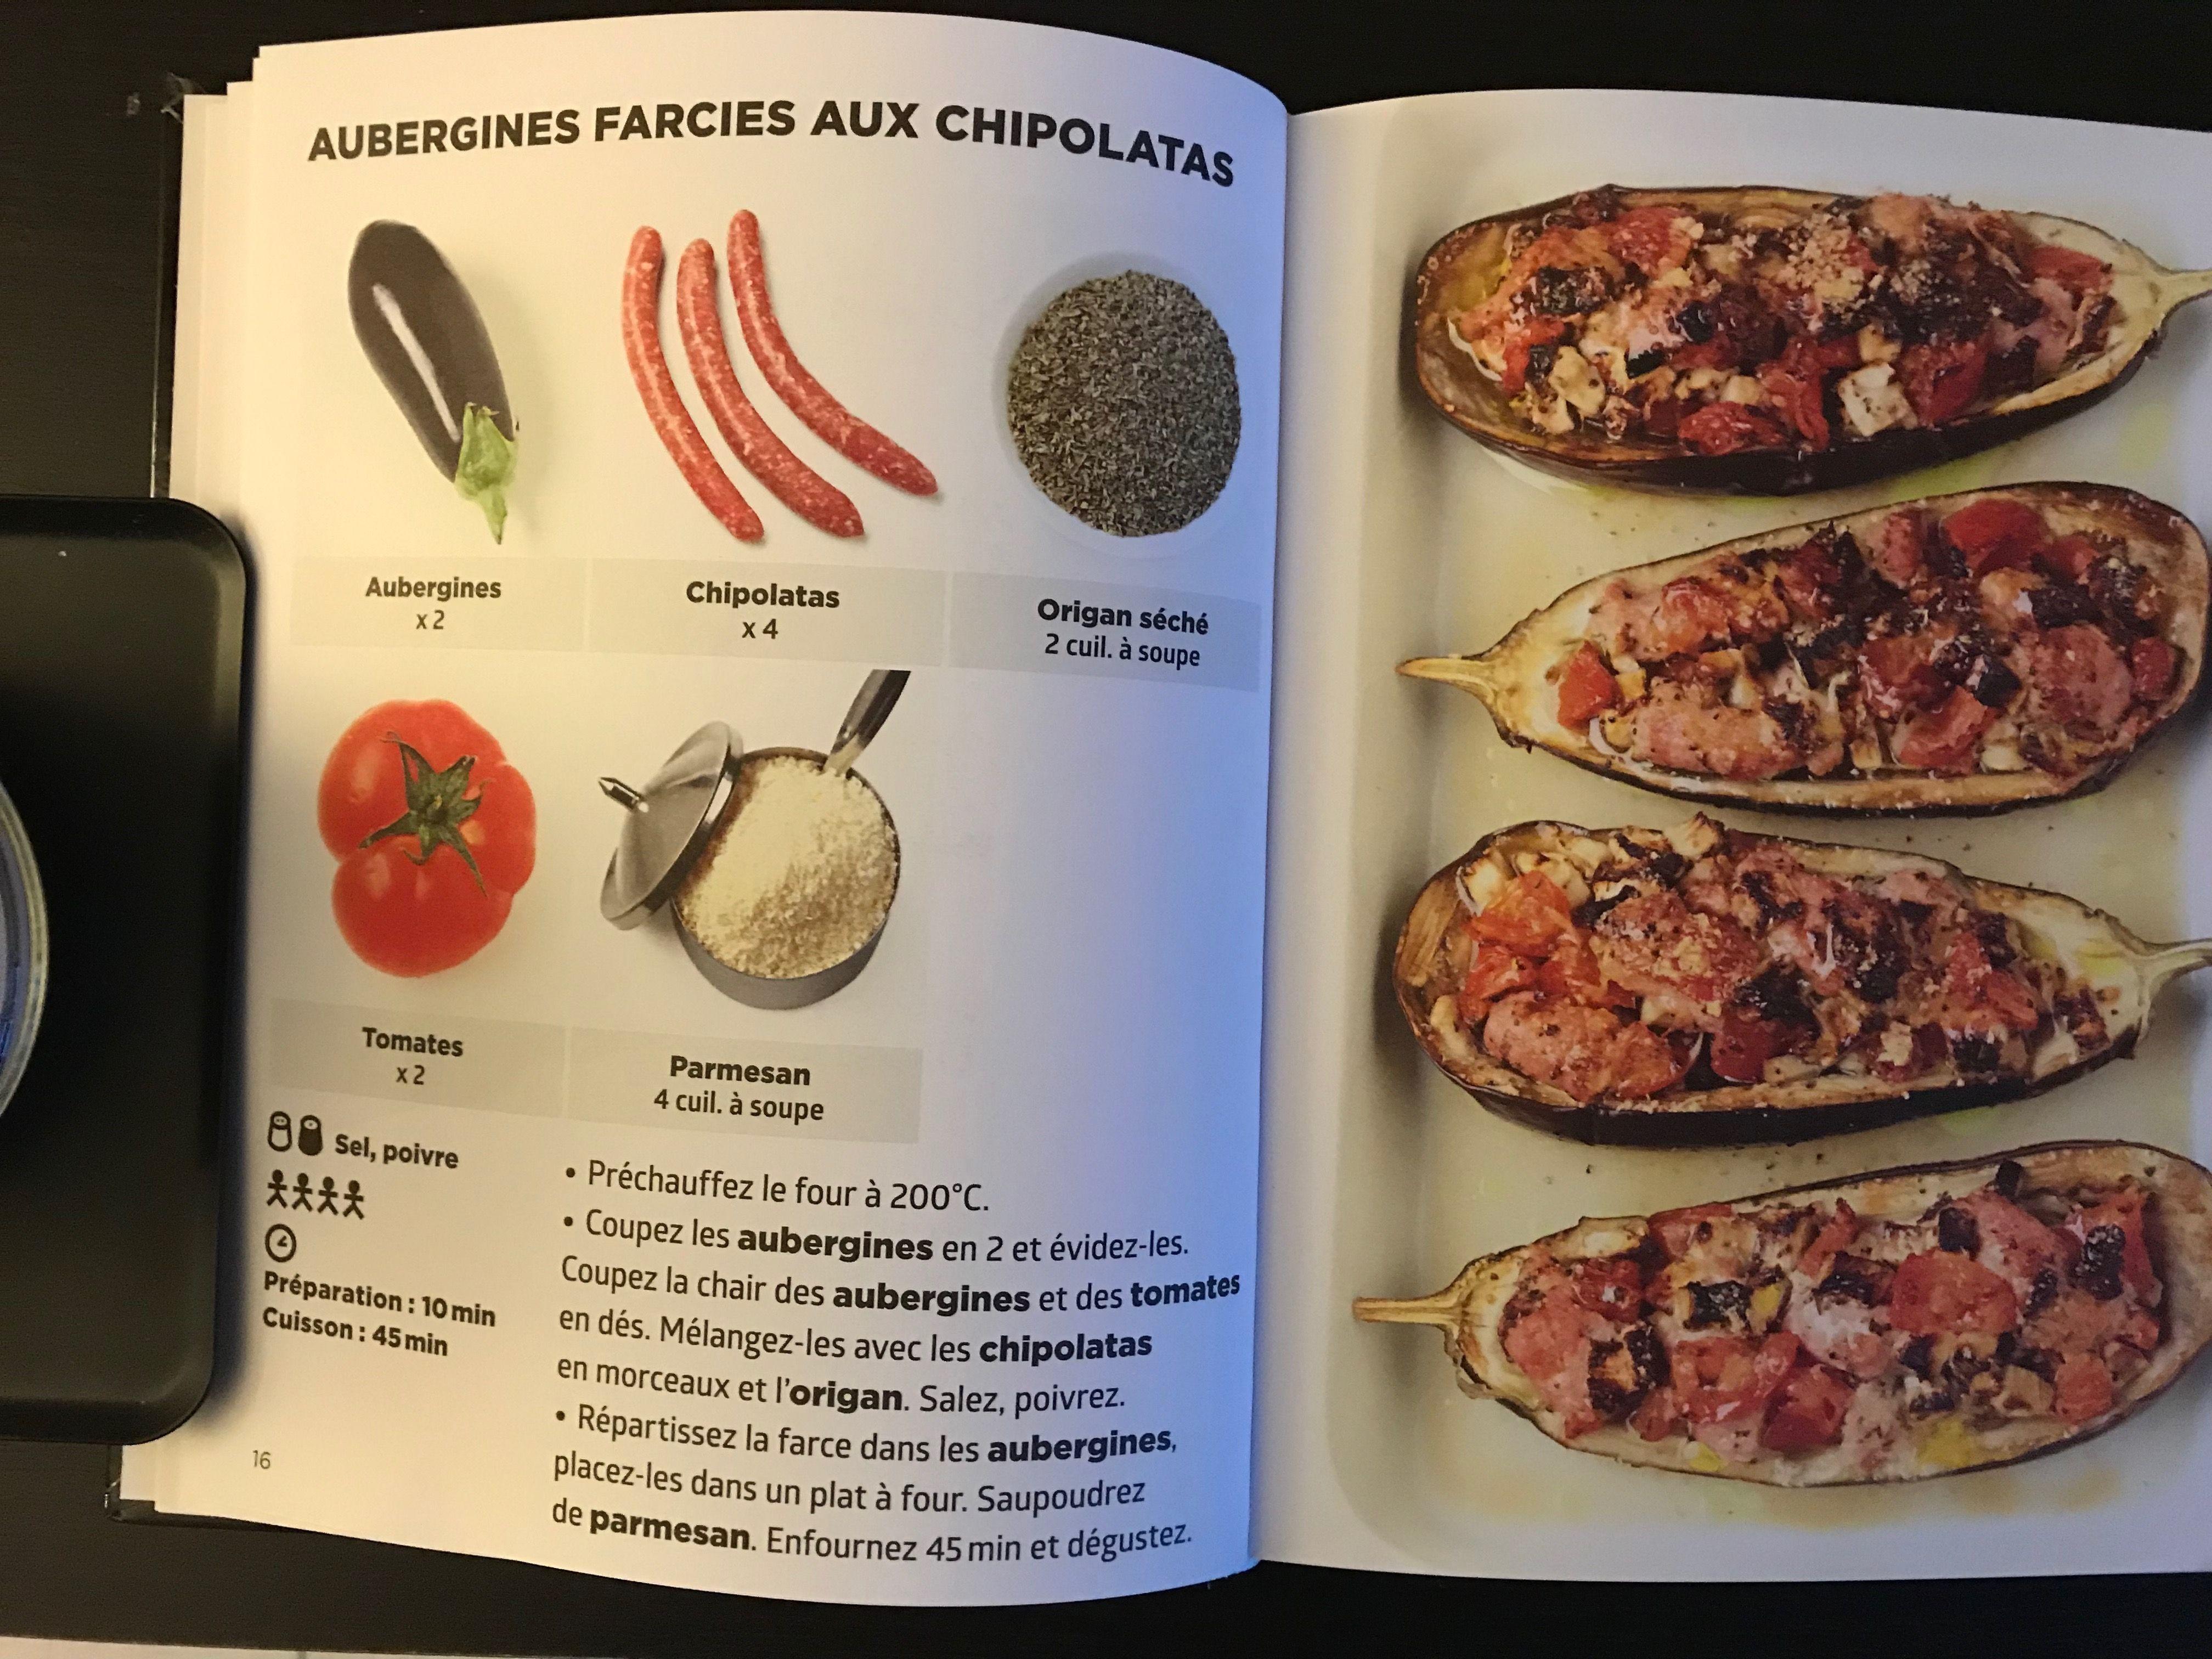 Simplissime Aubergines Farcies Chipolatas Recettes De Cuisine Recette Cuisine Simplissime